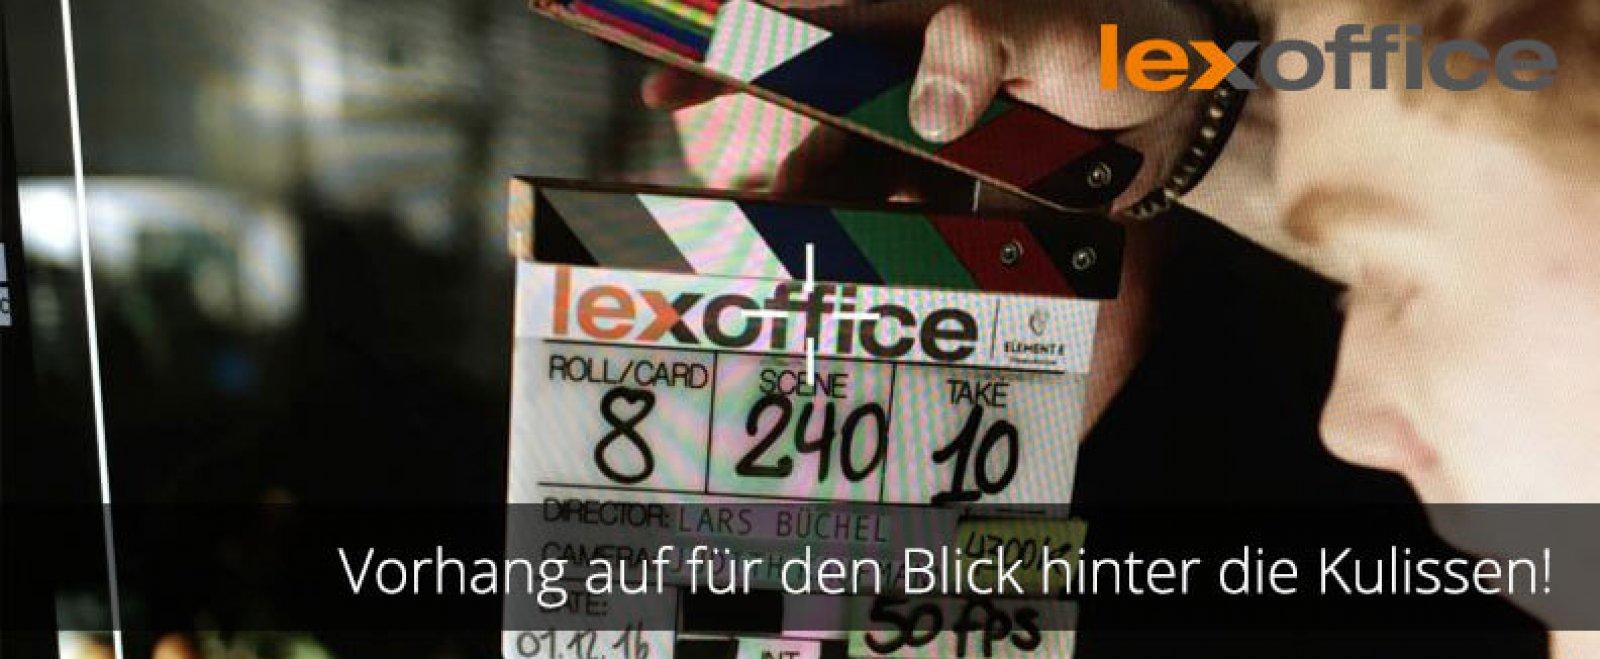 """Der Blick hinter die Kulissen des lexoffice TV Spot """"Küchenschlacht"""""""